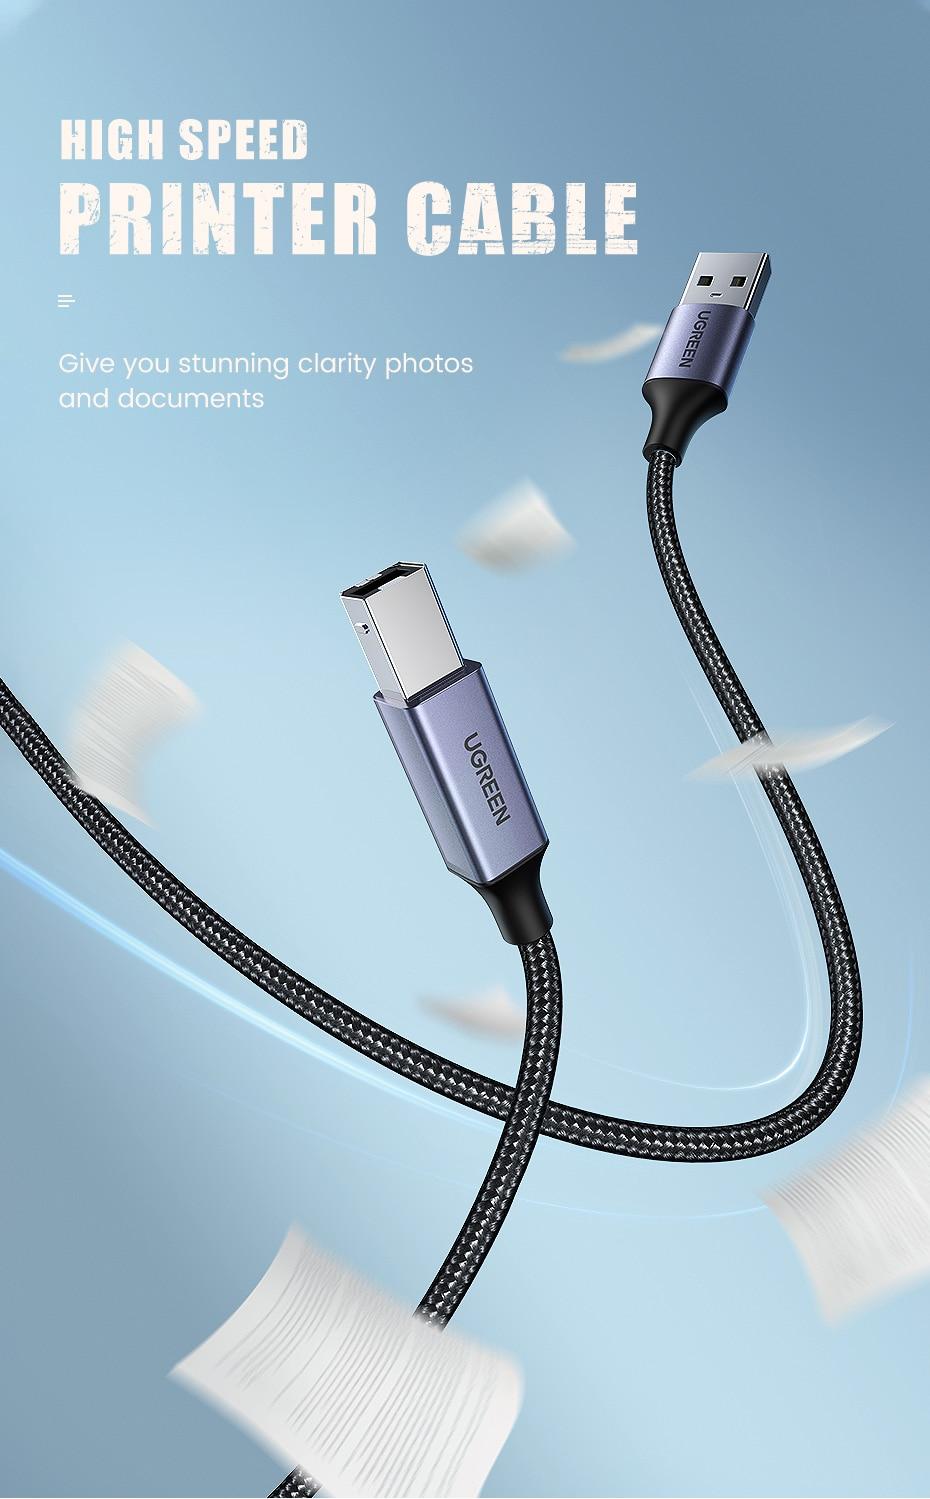 Ugreen USB 2.0 Printer Cable Type B Male to Type A Male - Black - 3M Pakistan Brandtech.pk